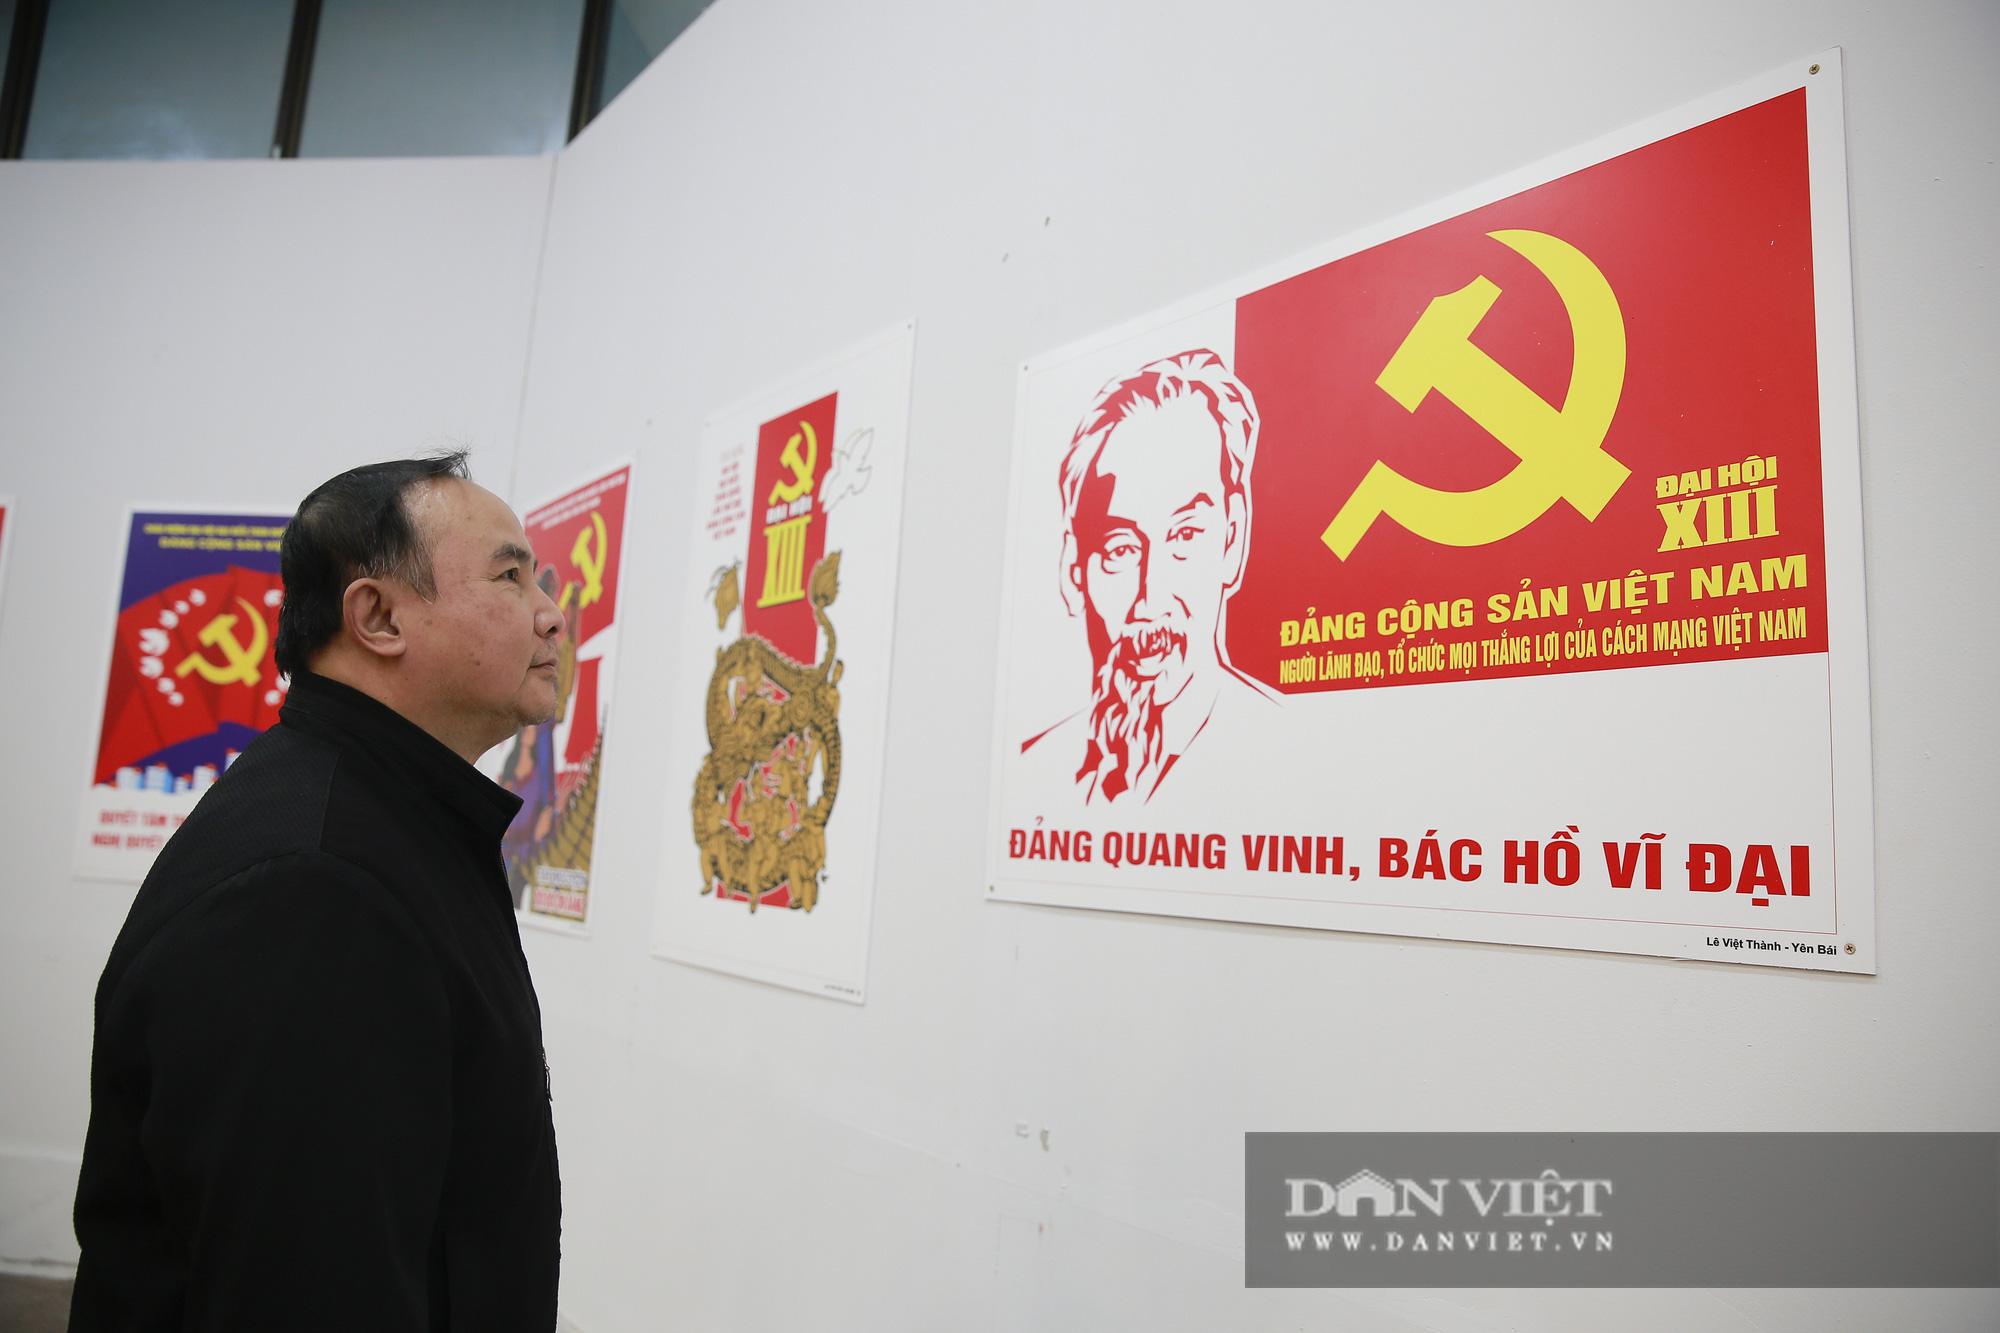 """Cận cảnh những tư liệu quý và khí tài quân sự Việt Nam tại triển lãm """"Đảng ta thật là vĩ đại"""" - Ảnh 4."""